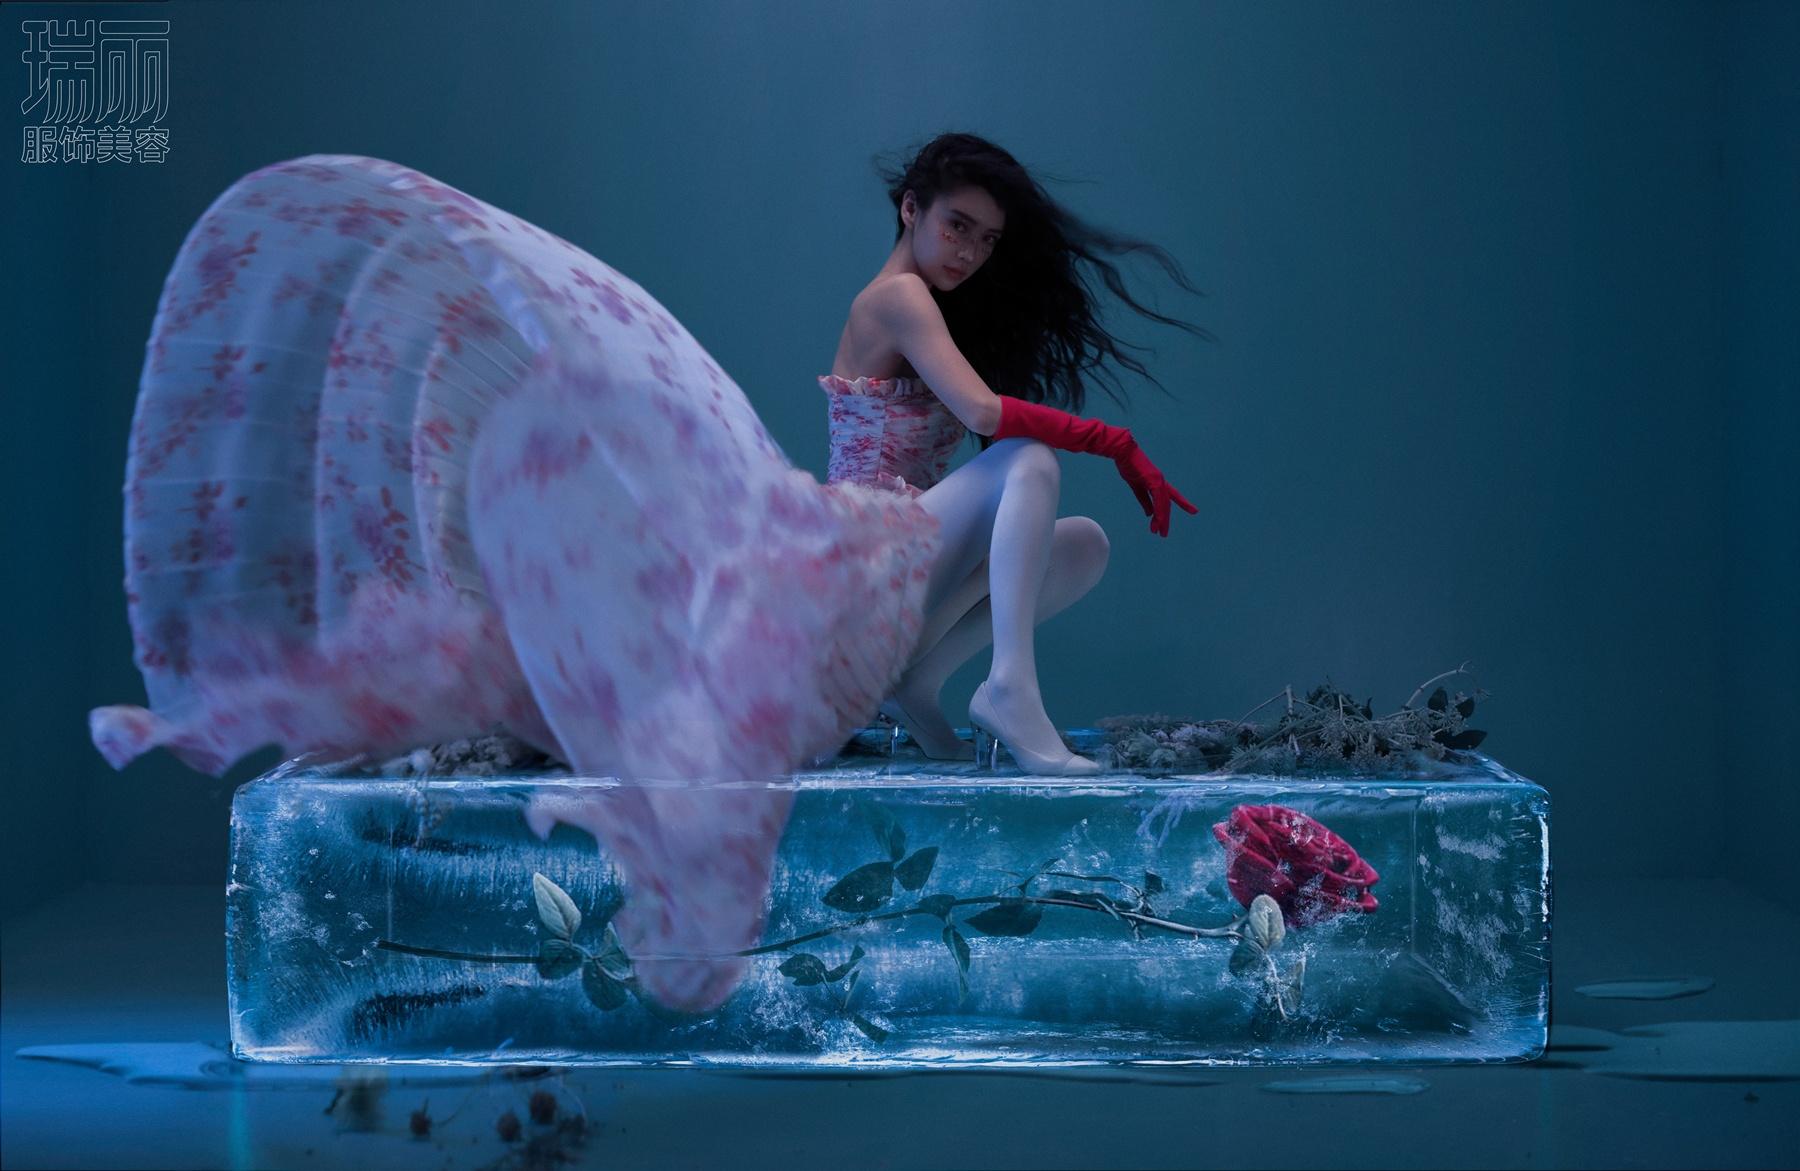 Angelababy duoc khen dep trong bo hinh moi hinh anh 1 angelababy9.jpg